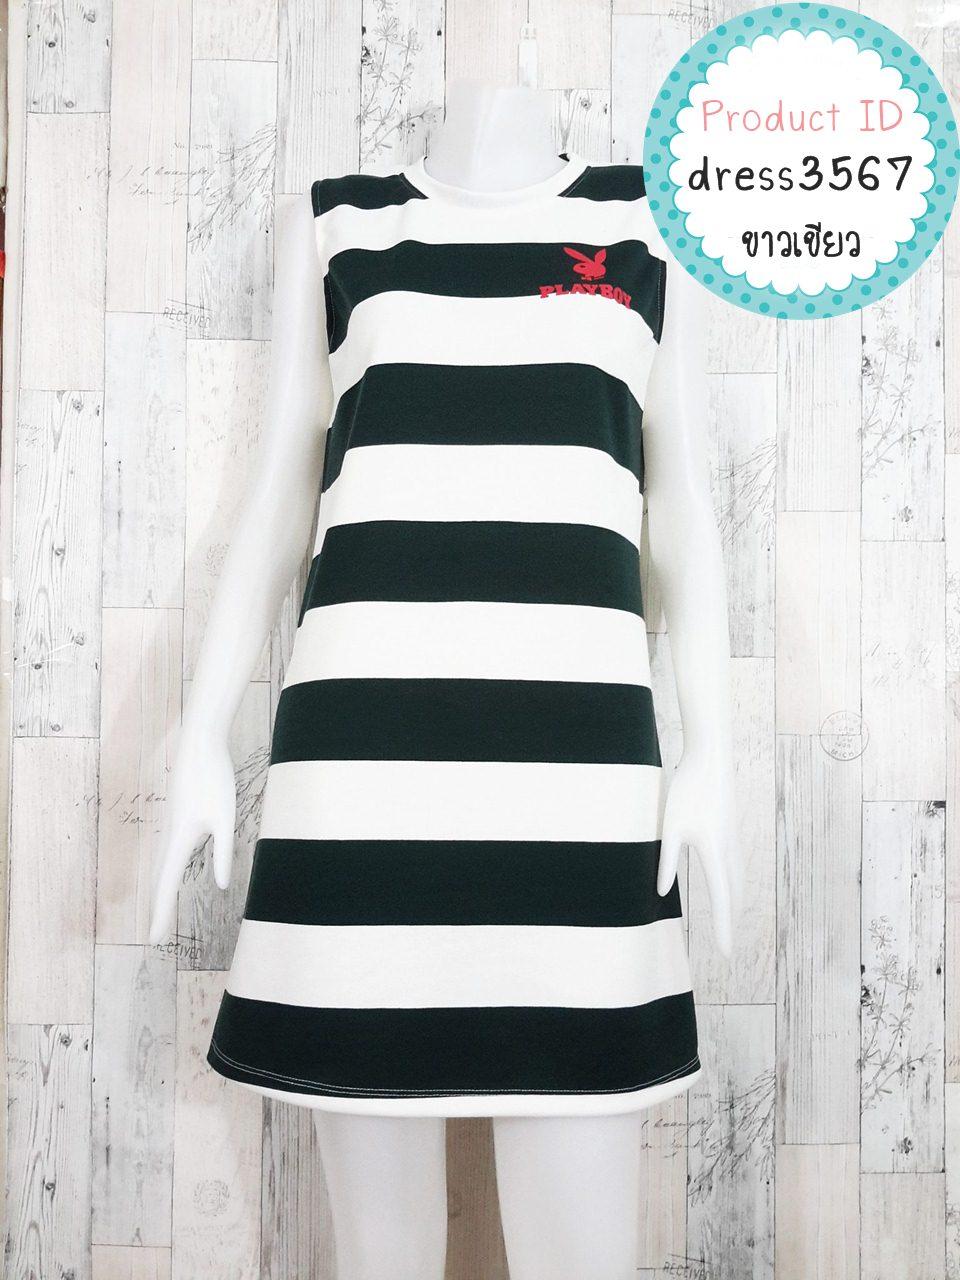 Dress3567 ชุดเดรสน่ารัก อกสกรีนกระต่าย Playboy ผ้าแมงโก้ยืดเนื้อนิ่มหนาสวย ลายริ้วใหญ่สีขาวเขียว